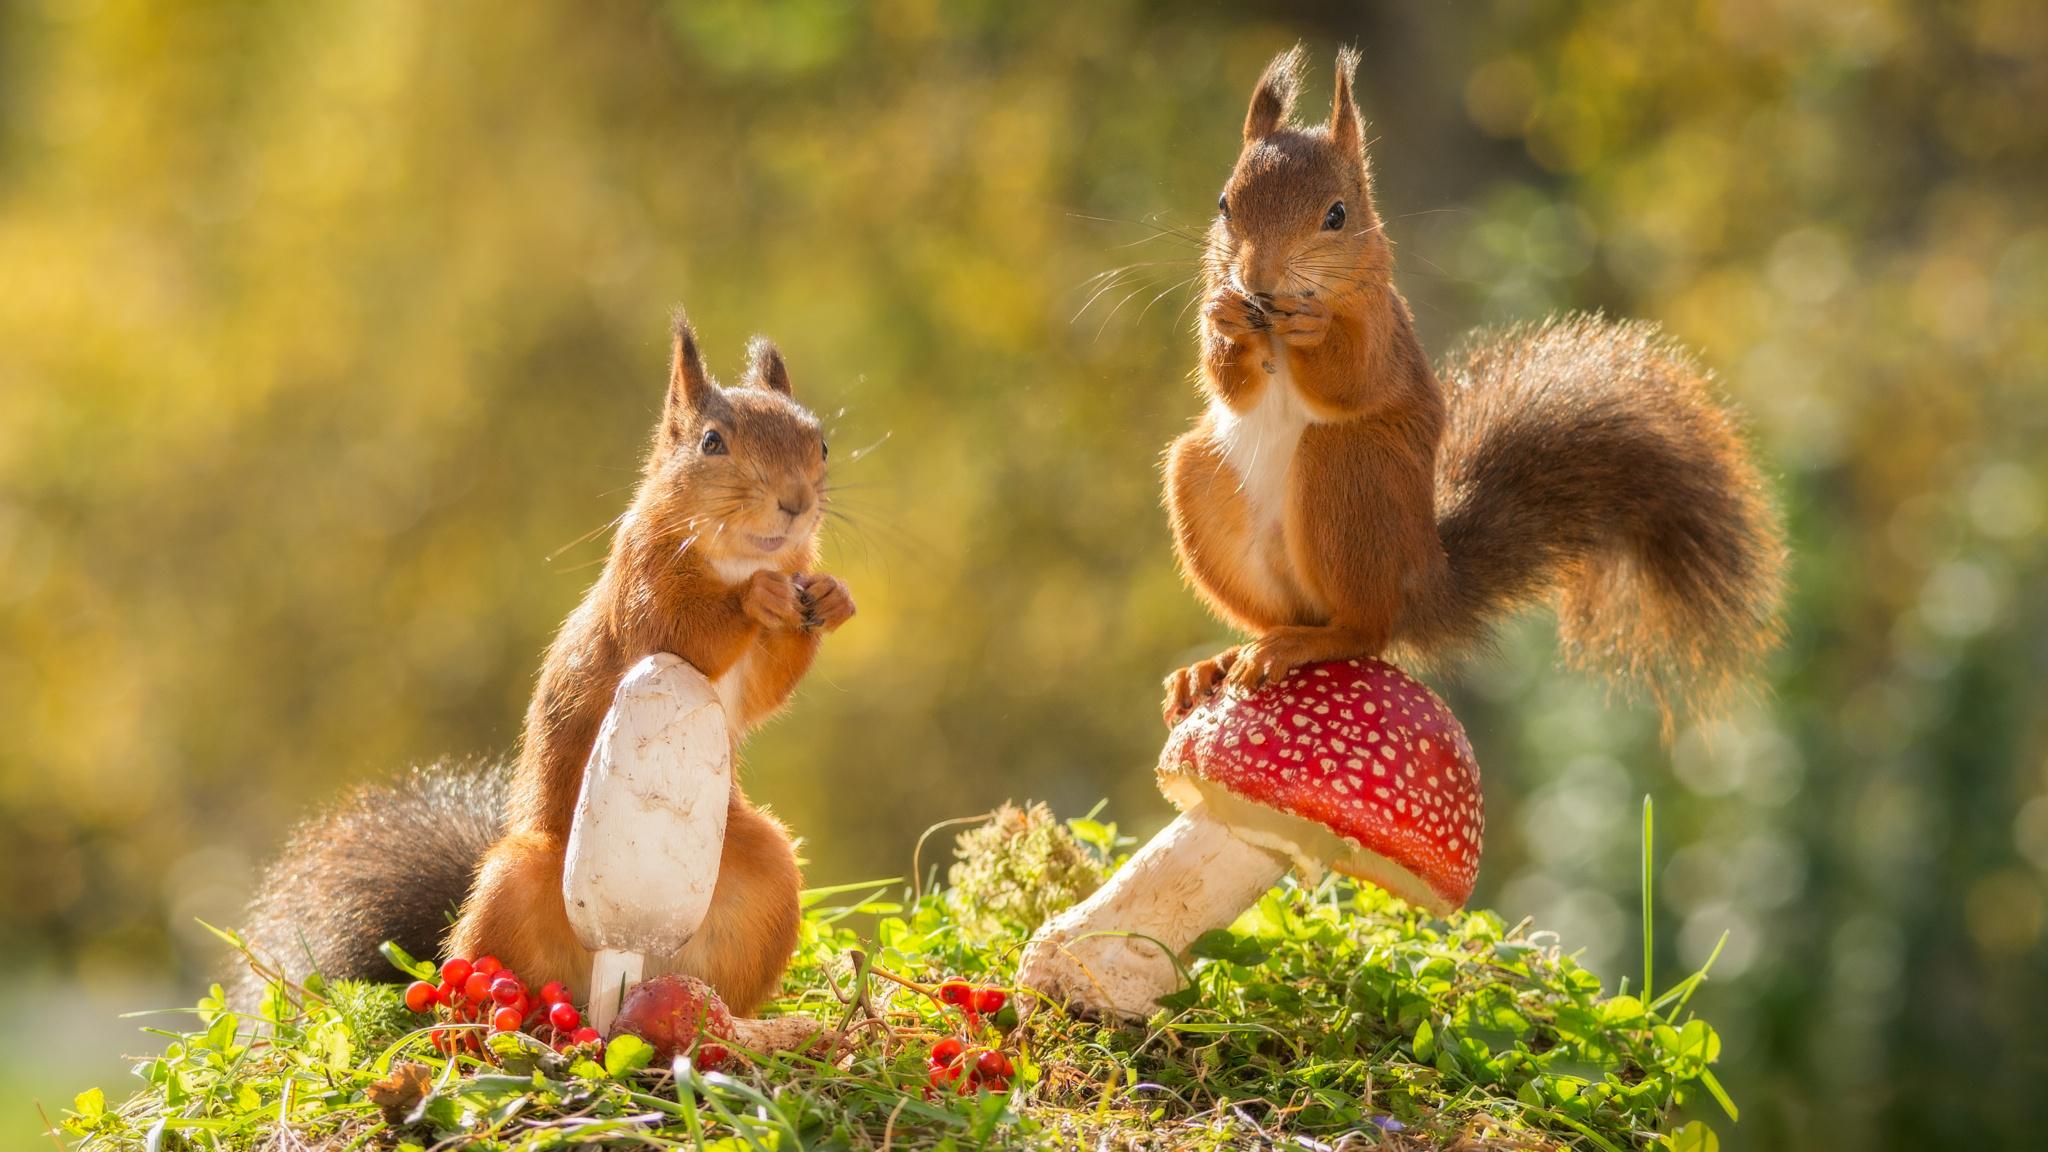 Обои на рабочий стол осень и животные скачать бесплатно